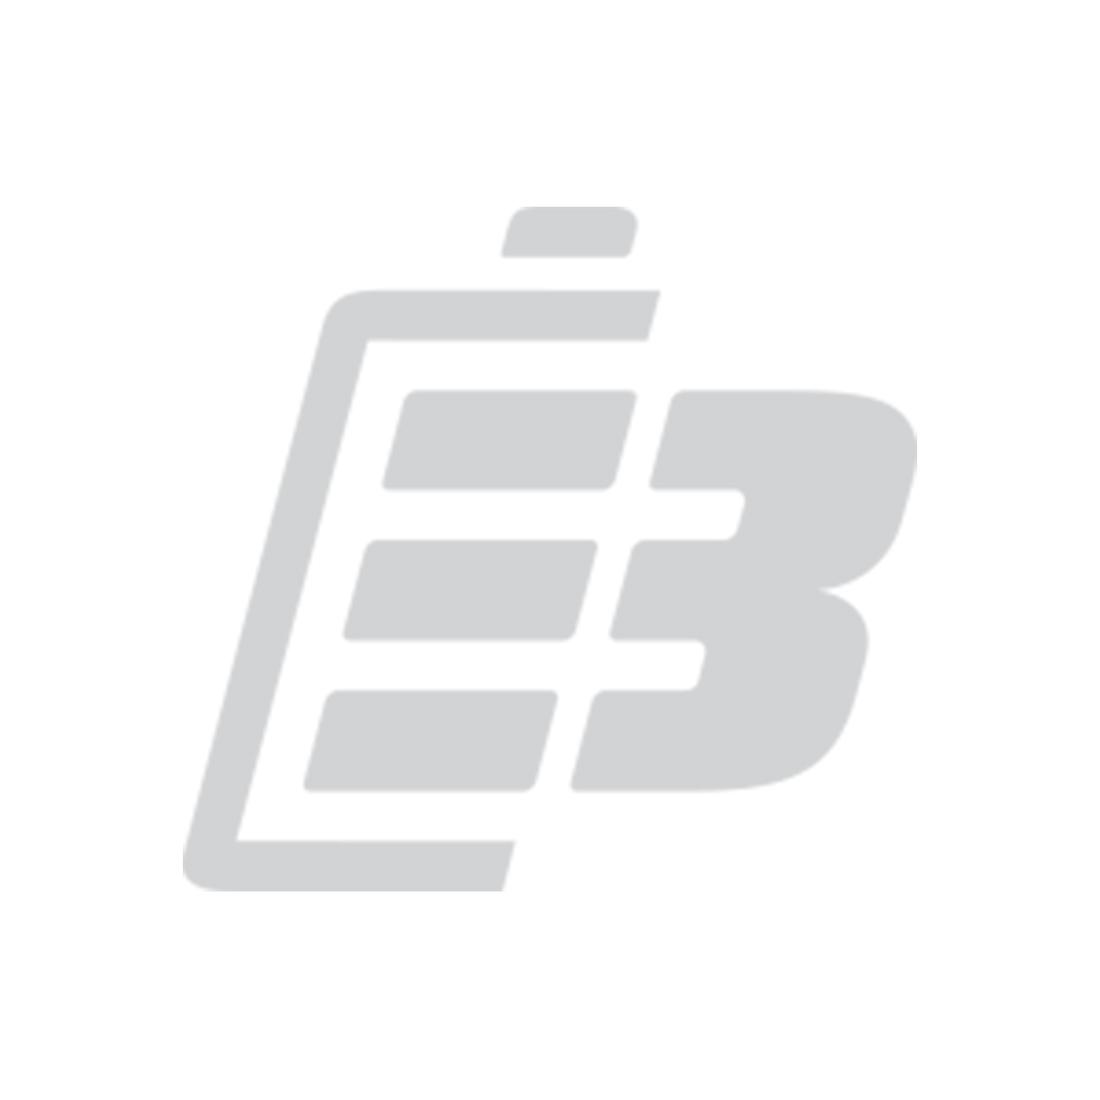 Power tool battery AEG 14.4V 2.0Ah_1